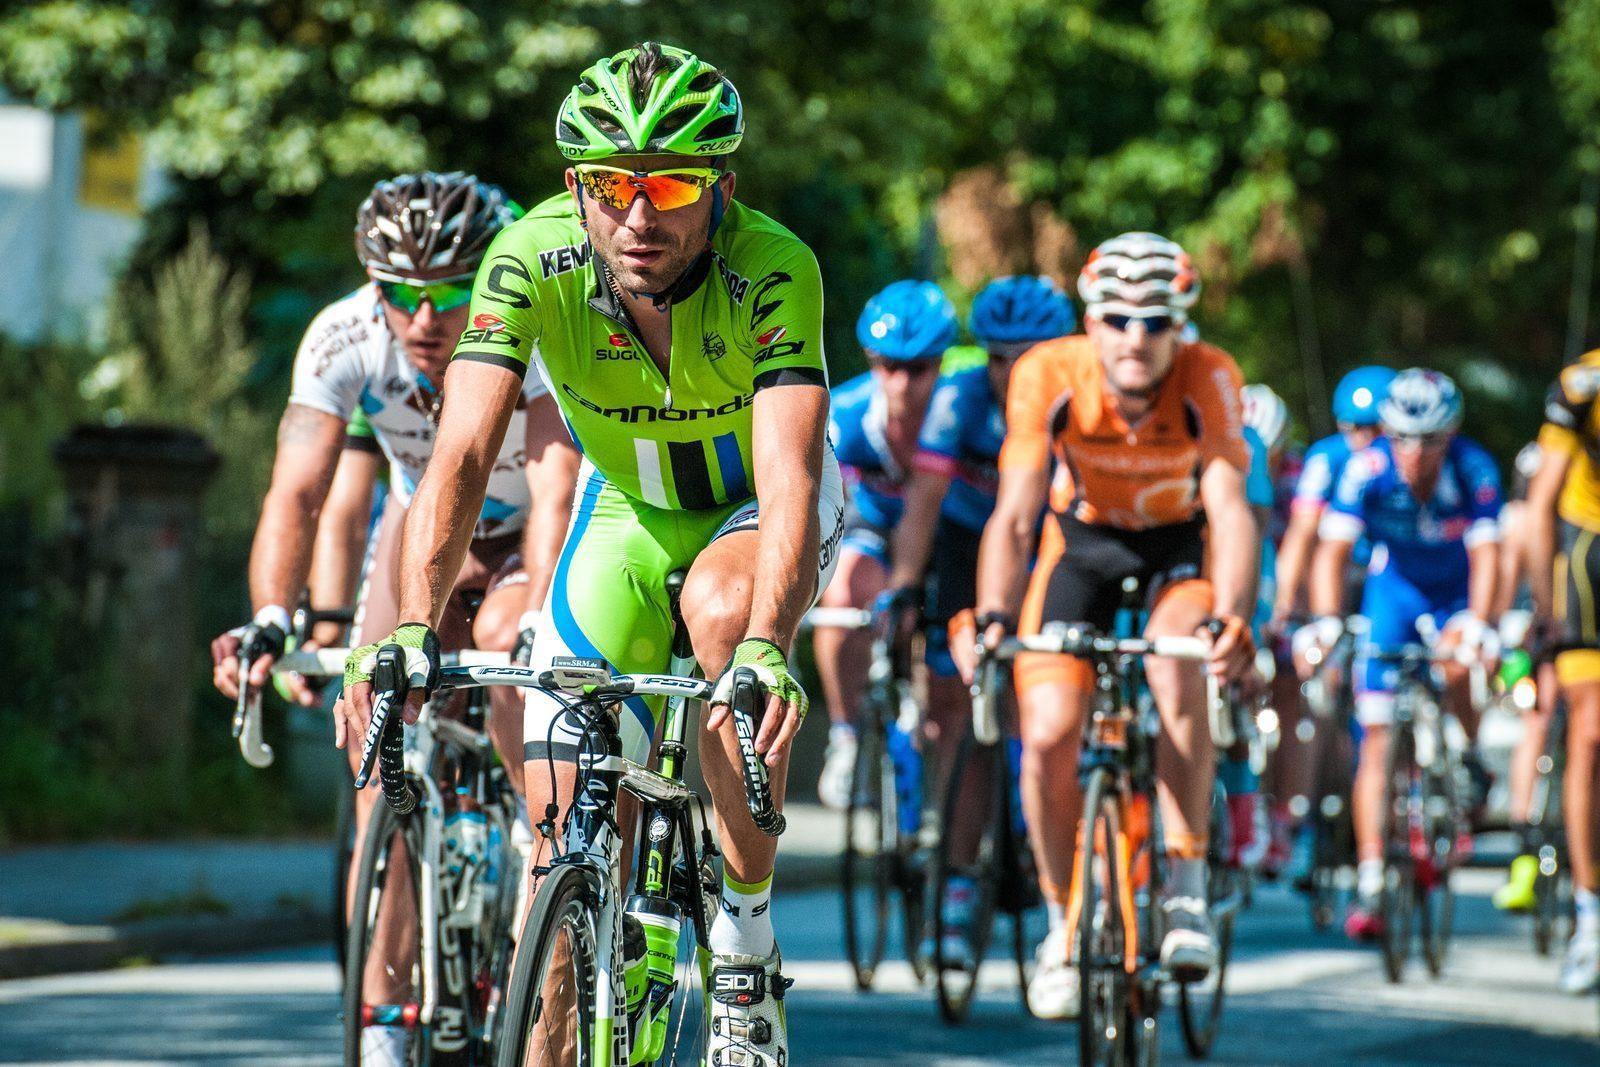 Verkehrsinformationen zum NK Cycling in Ede/Wageningen